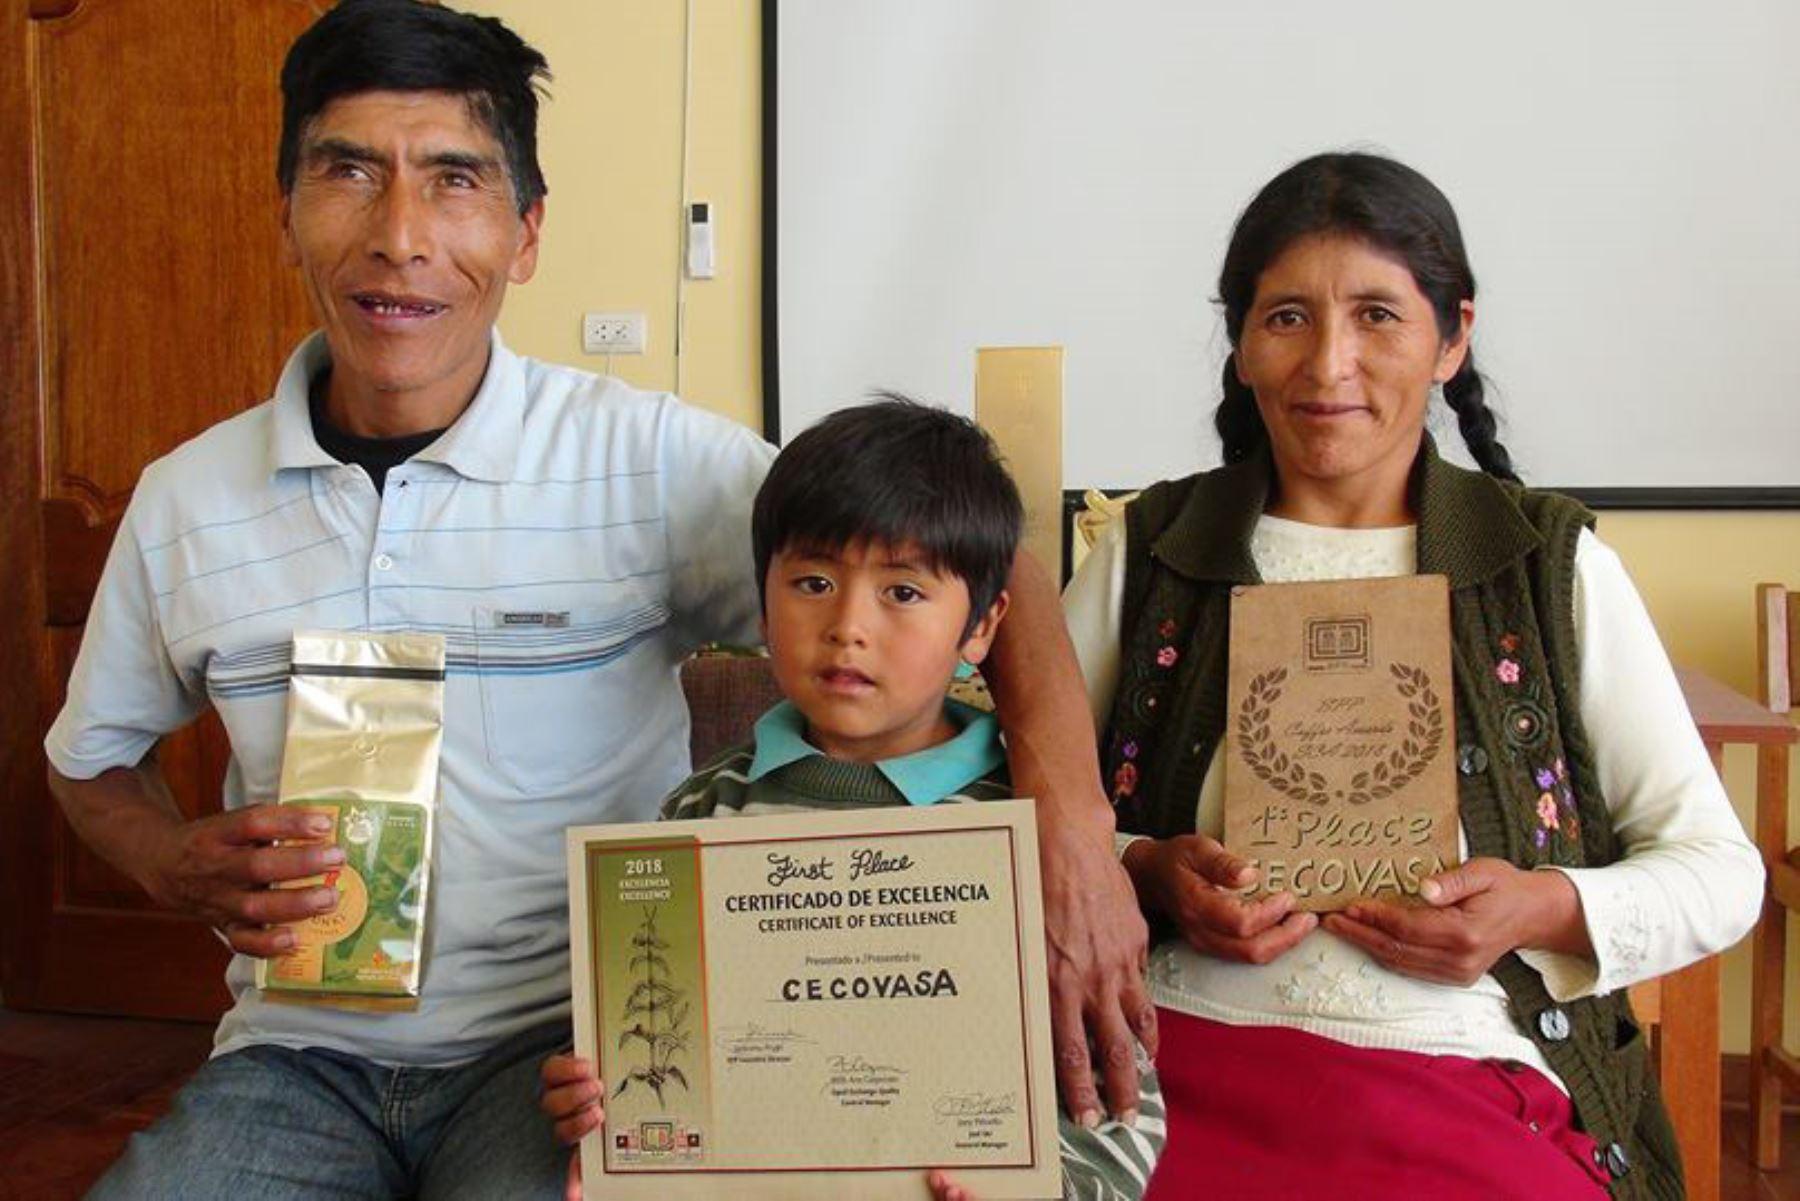 Conozca a Vicentina Phocco la productora de café que triunfó en la feria Global Specialtu Coffee EXPO Seattle 2018, en EE UU. ANDINA